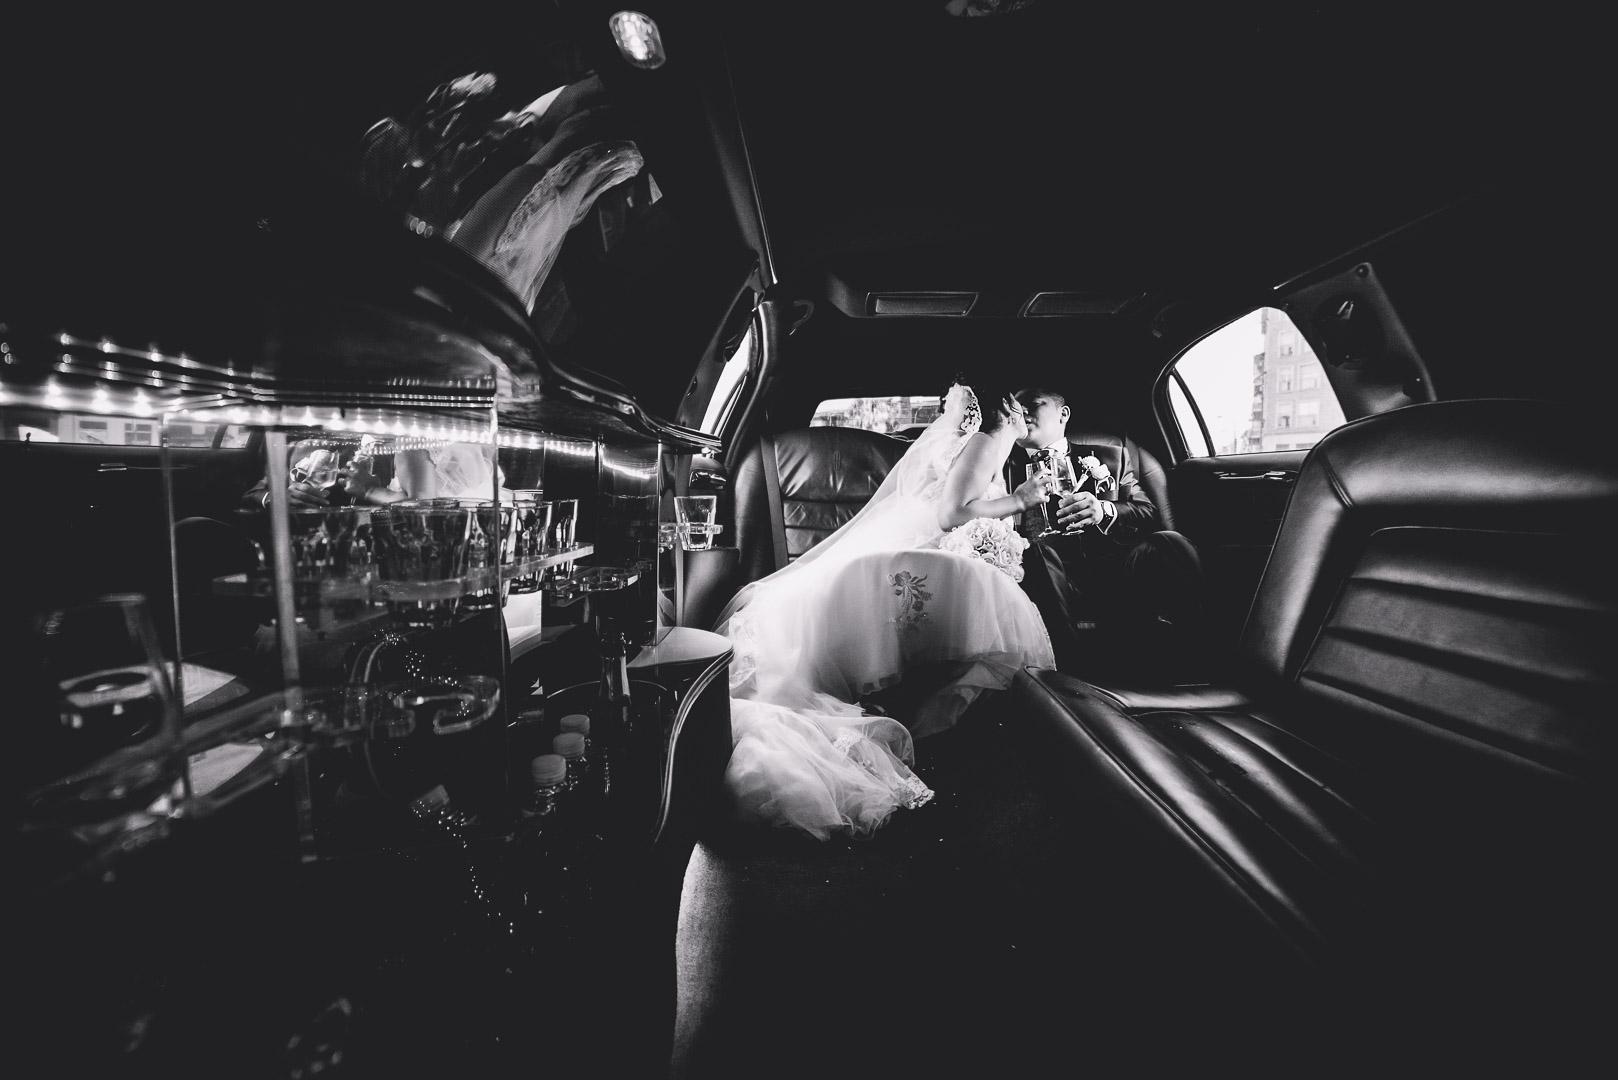 Fotografía de boda de un beso dentro de una limusina